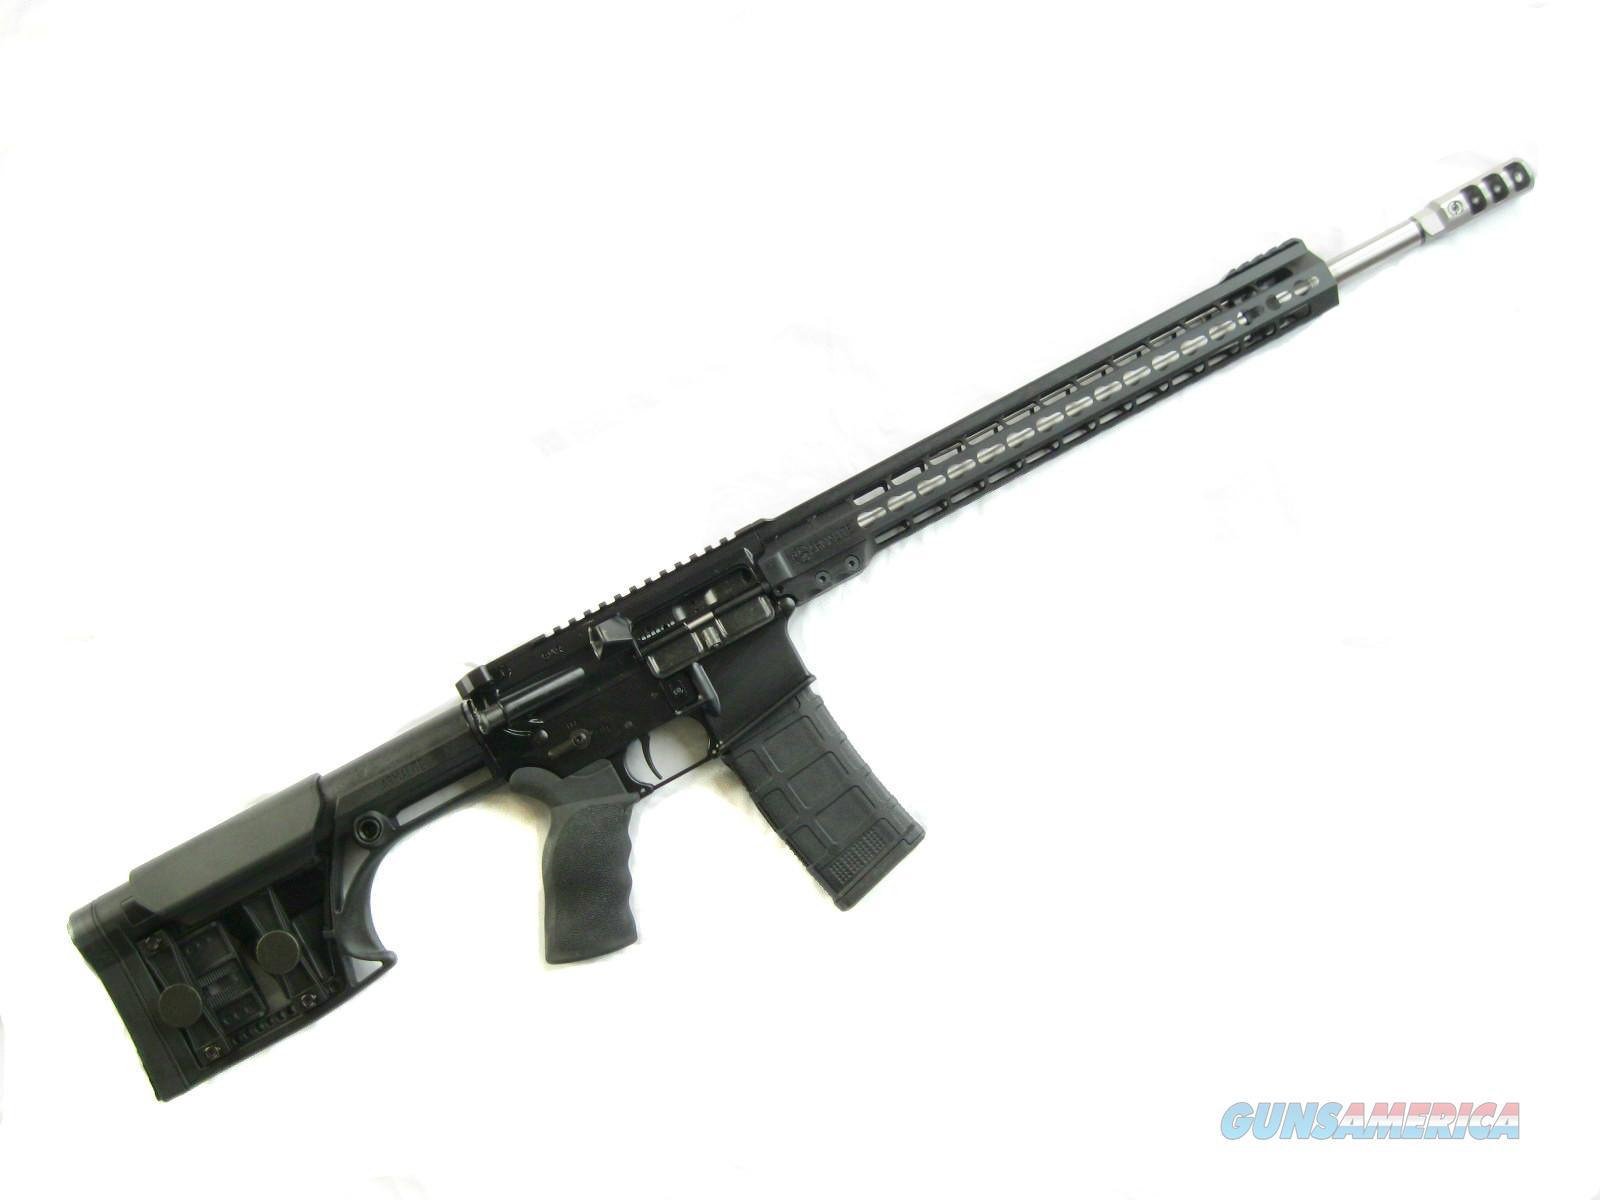 """Armalite M15 3-Gun 18"""" SS Wylde 15"""" KeyMod Luth AR 3# Tinmey MagPul Ergo Adjustable Gas Block & Comp M153GN18 *NEW*  Guns > Rifles > Armalite Rifles > Complete Rifles"""